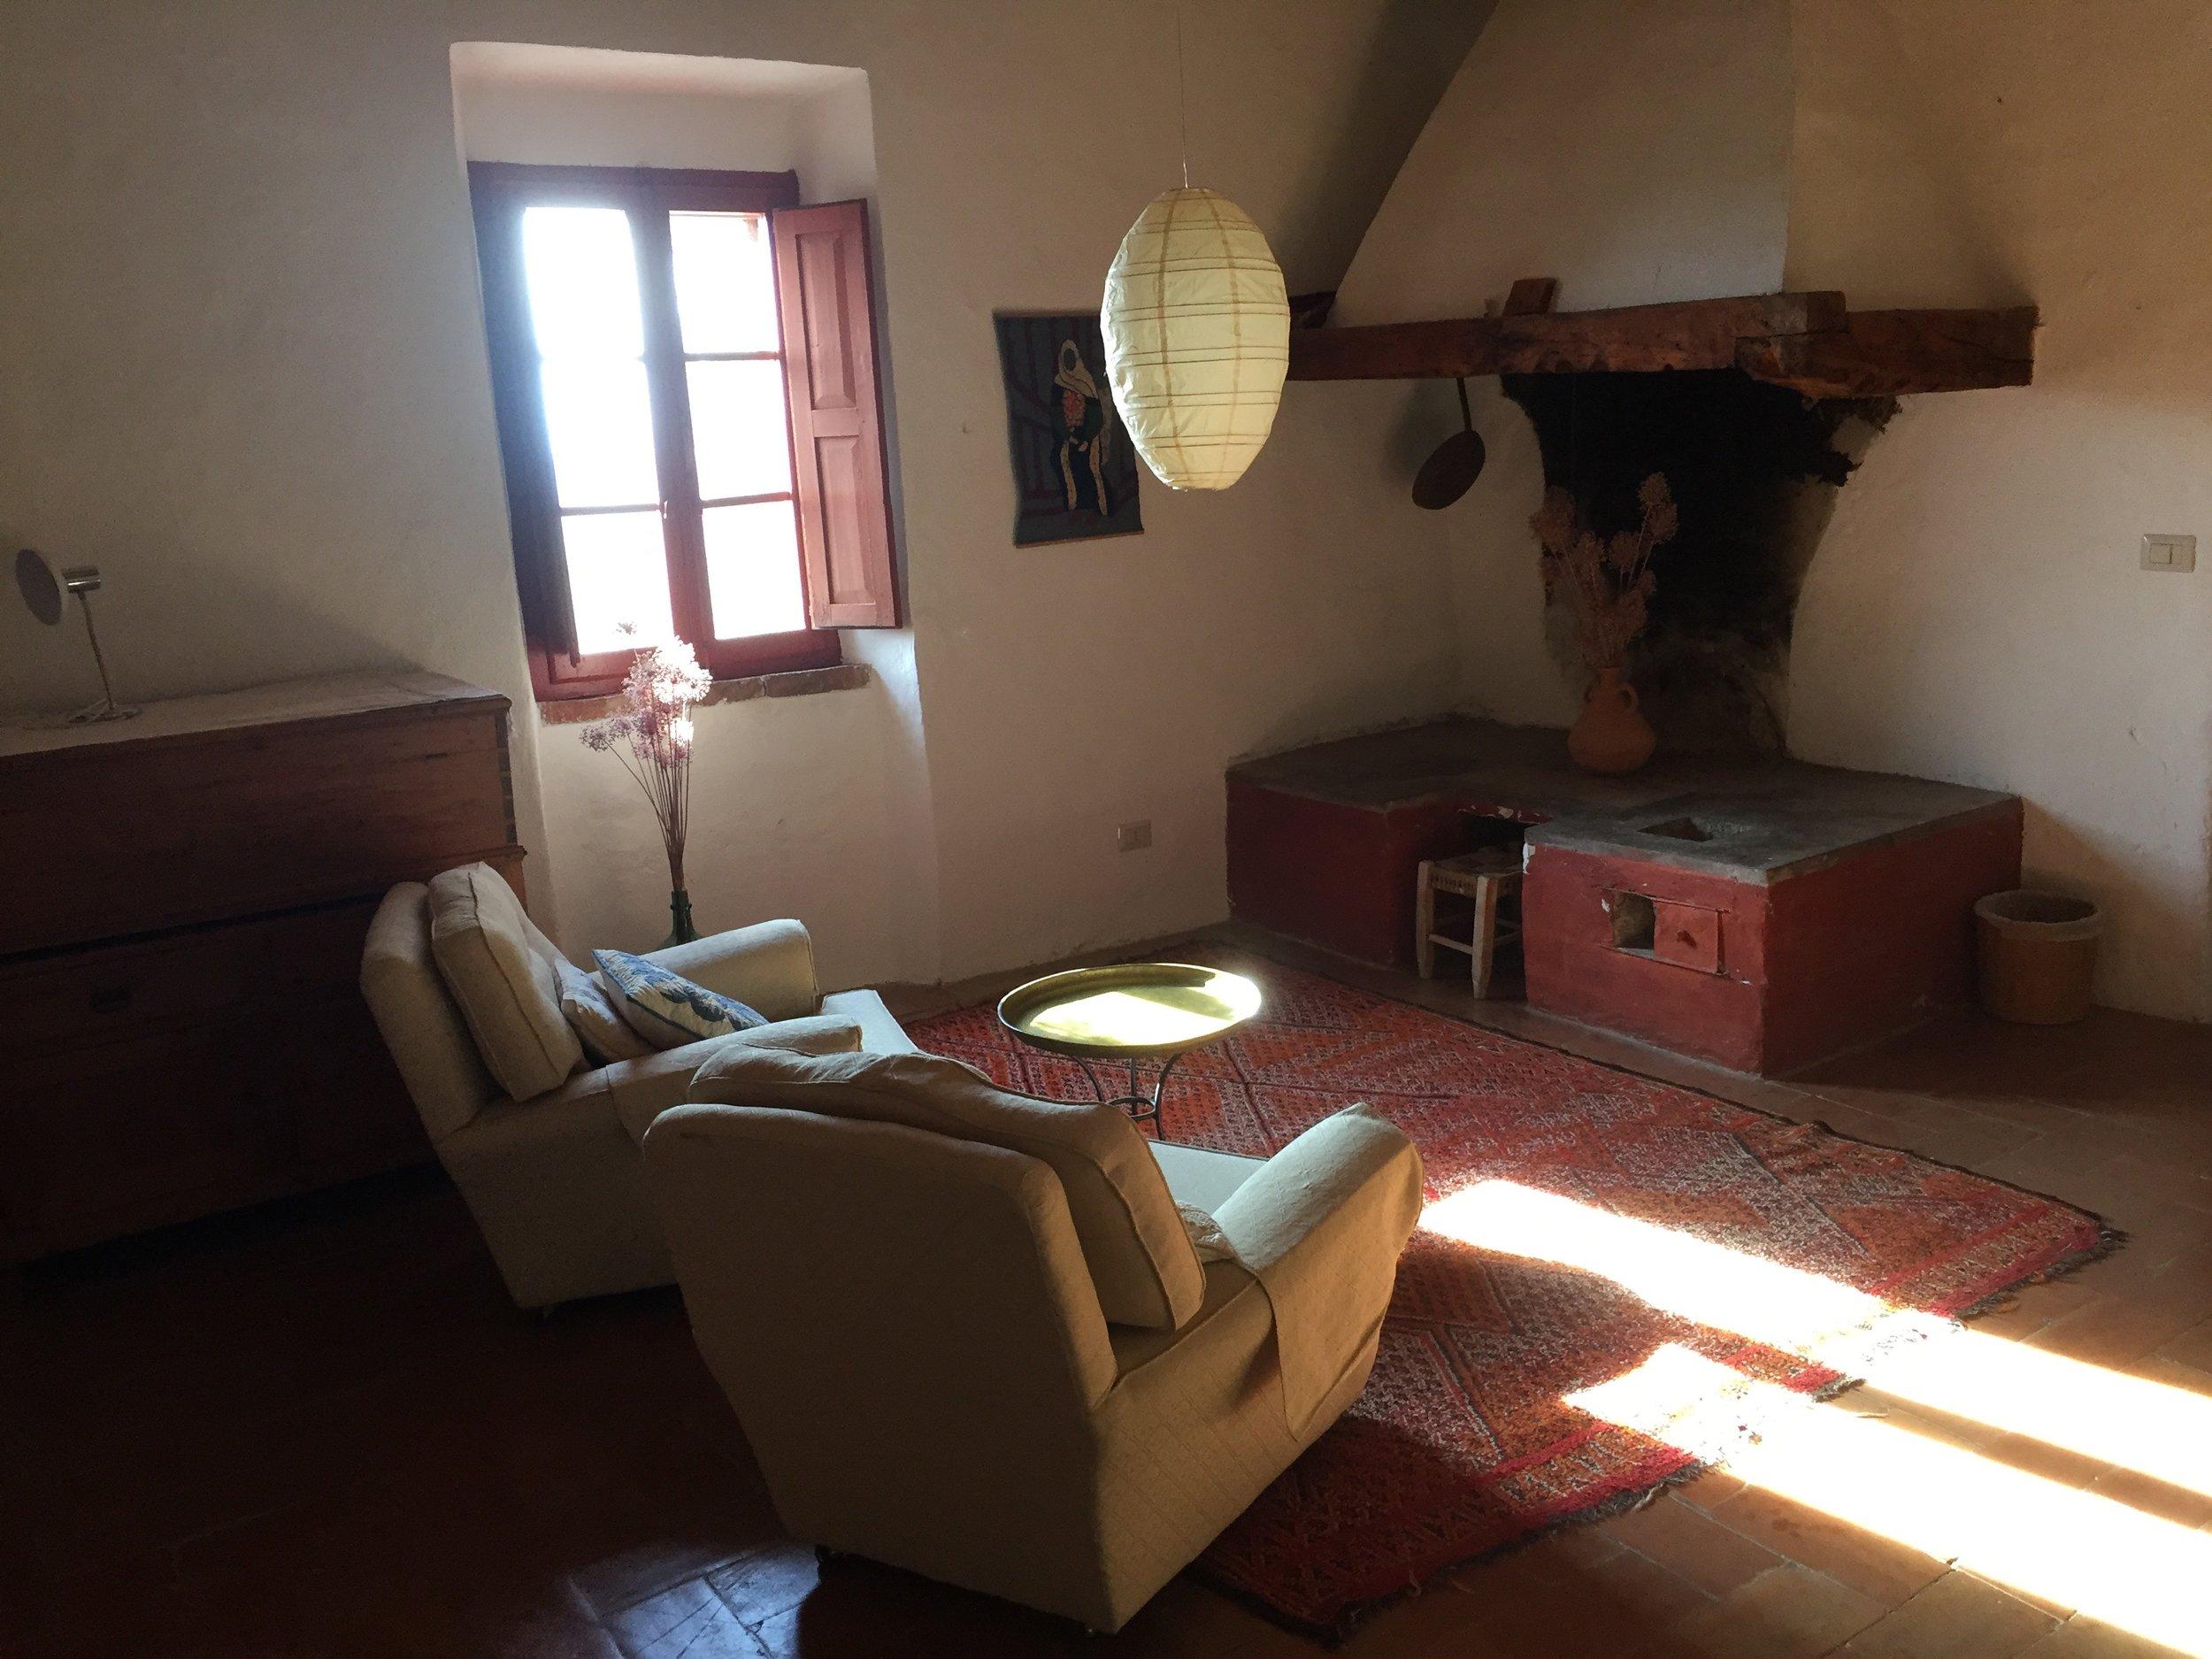 nido sitting room.jpg